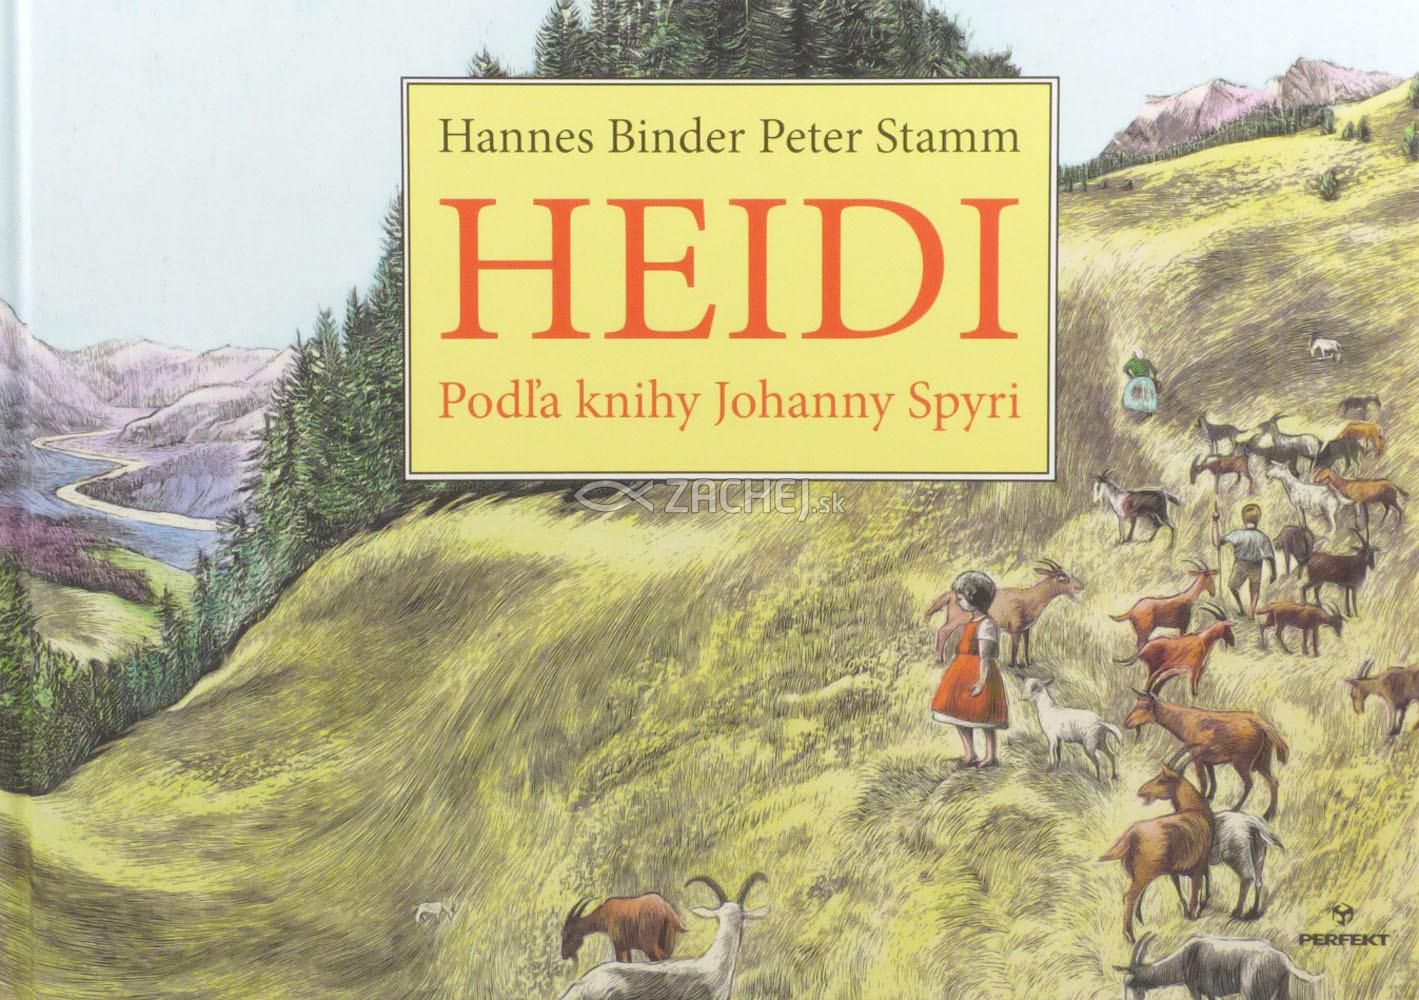 Heidi - Podľa knihy Johanny Spyri